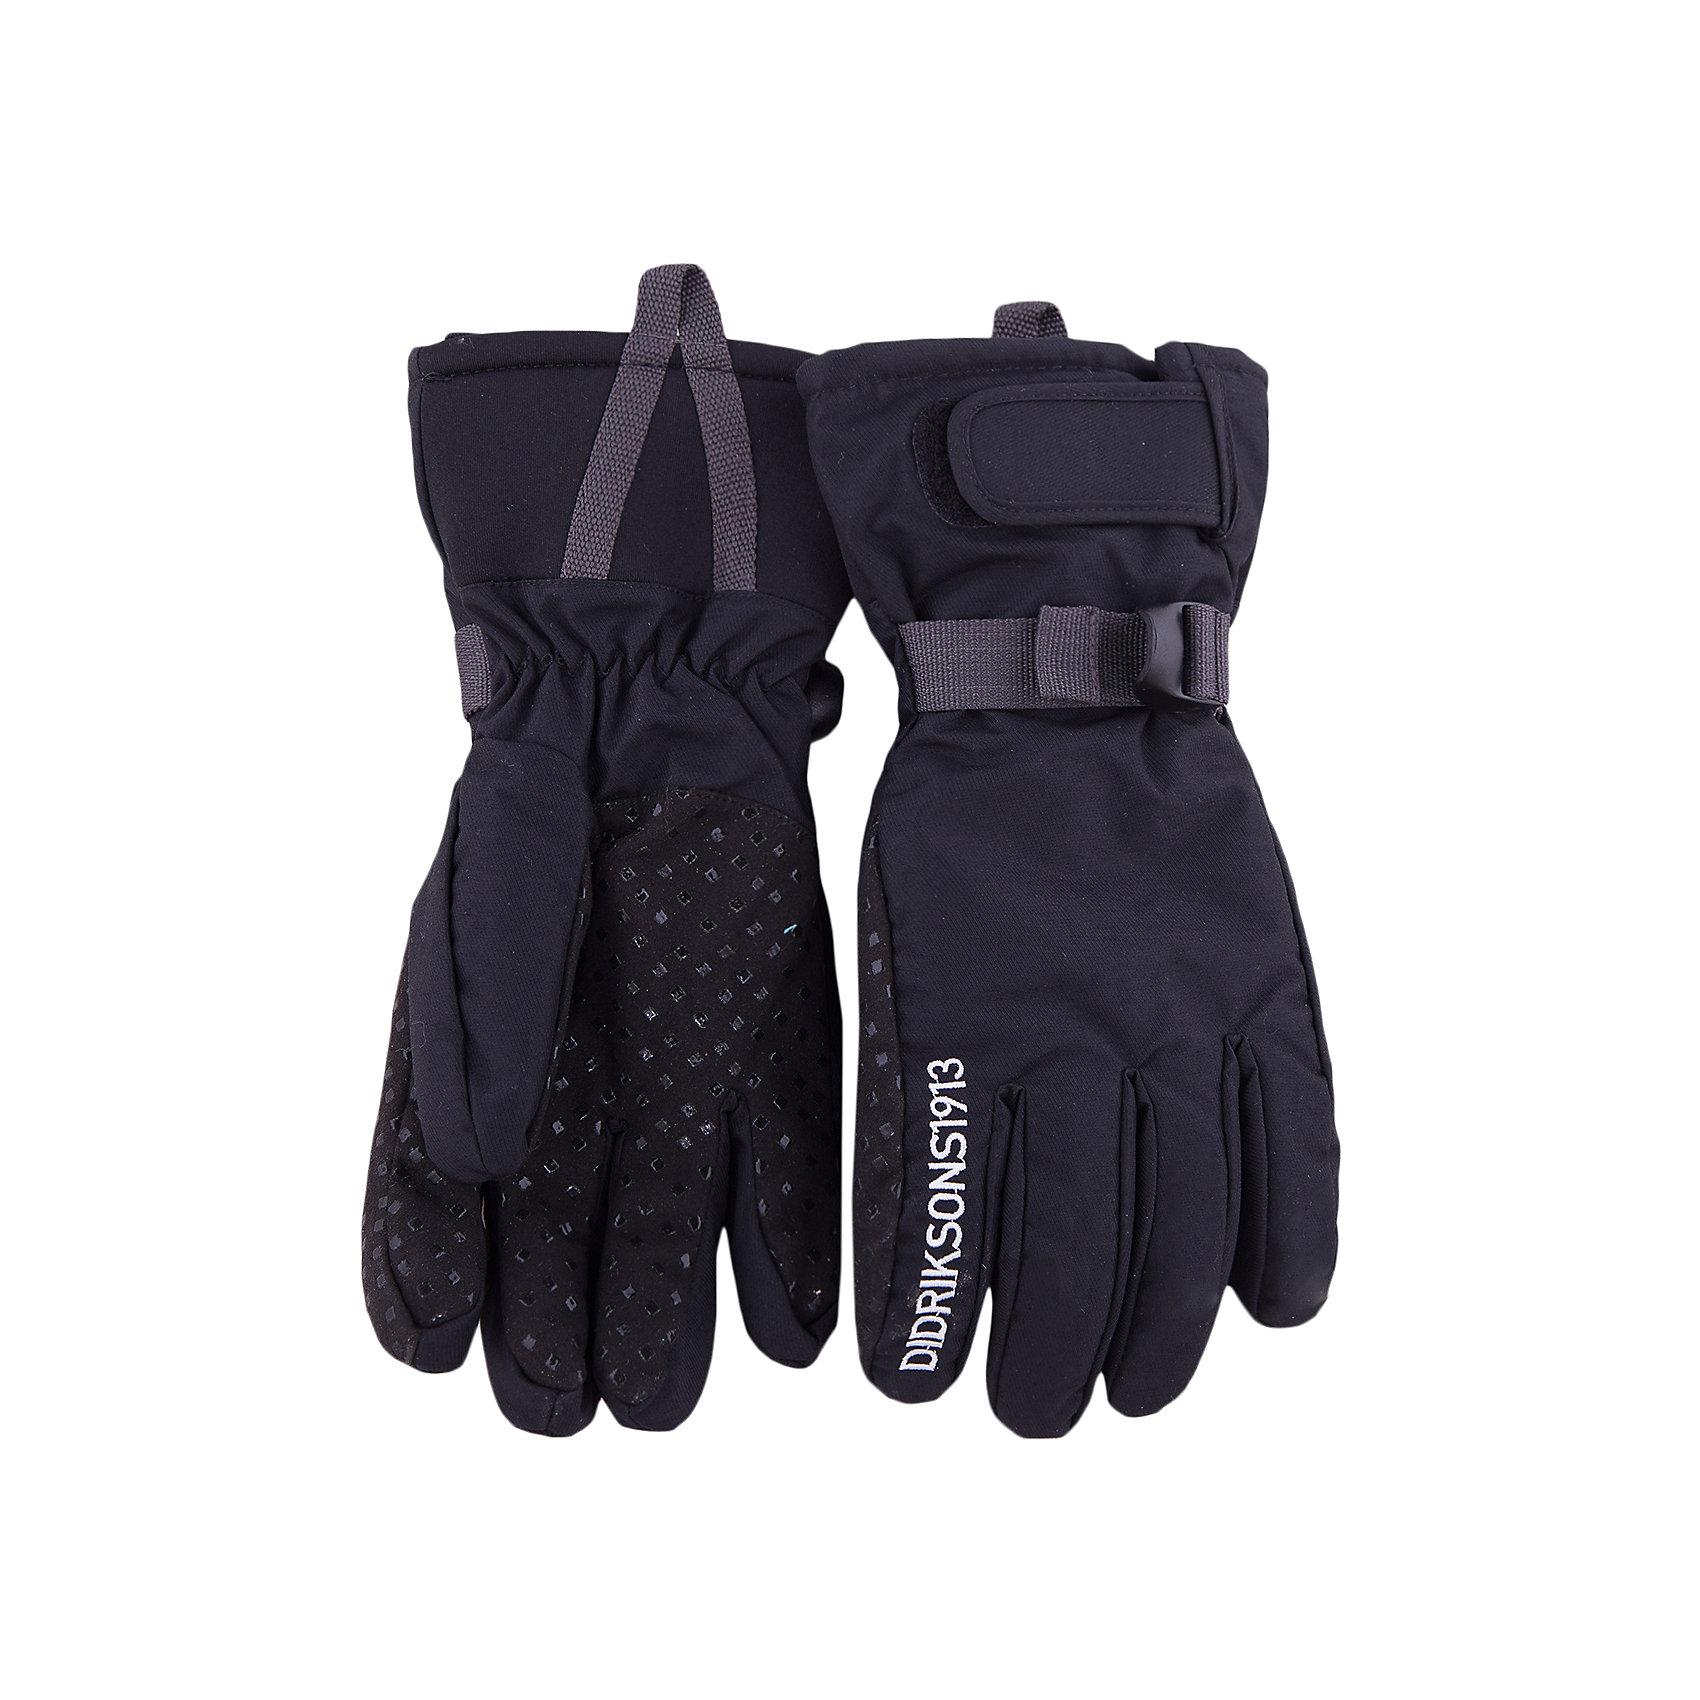 Перчатки DIDRIKSONSПерчатки от известного бренда DIDRIKSONS.<br>Перчатки из непромокаемой и непродуваемой мембранной ткани. Подкладка - мягкий флис. Утеплитель - 60 г/м. Регуляторы объема. Шнур для пристегивания. Внутренняя сторона ладони отделана прорезиненной фактурной тканью против скольжения. Отличные перчатки для зимних видов спорта и активного отдыха.<br>Состав:<br>Верх - 100% полиамид, подкладка - 100% полиэстер<br><br>Ширина мм: 162<br>Глубина мм: 171<br>Высота мм: 55<br>Вес г: 119<br>Цвет: черный<br>Возраст от месяцев: 132<br>Возраст до месяцев: 144<br>Пол: Унисекс<br>Возраст: Детский<br>Размер: 5/6,7/8,6/7<br>SKU: 5004091